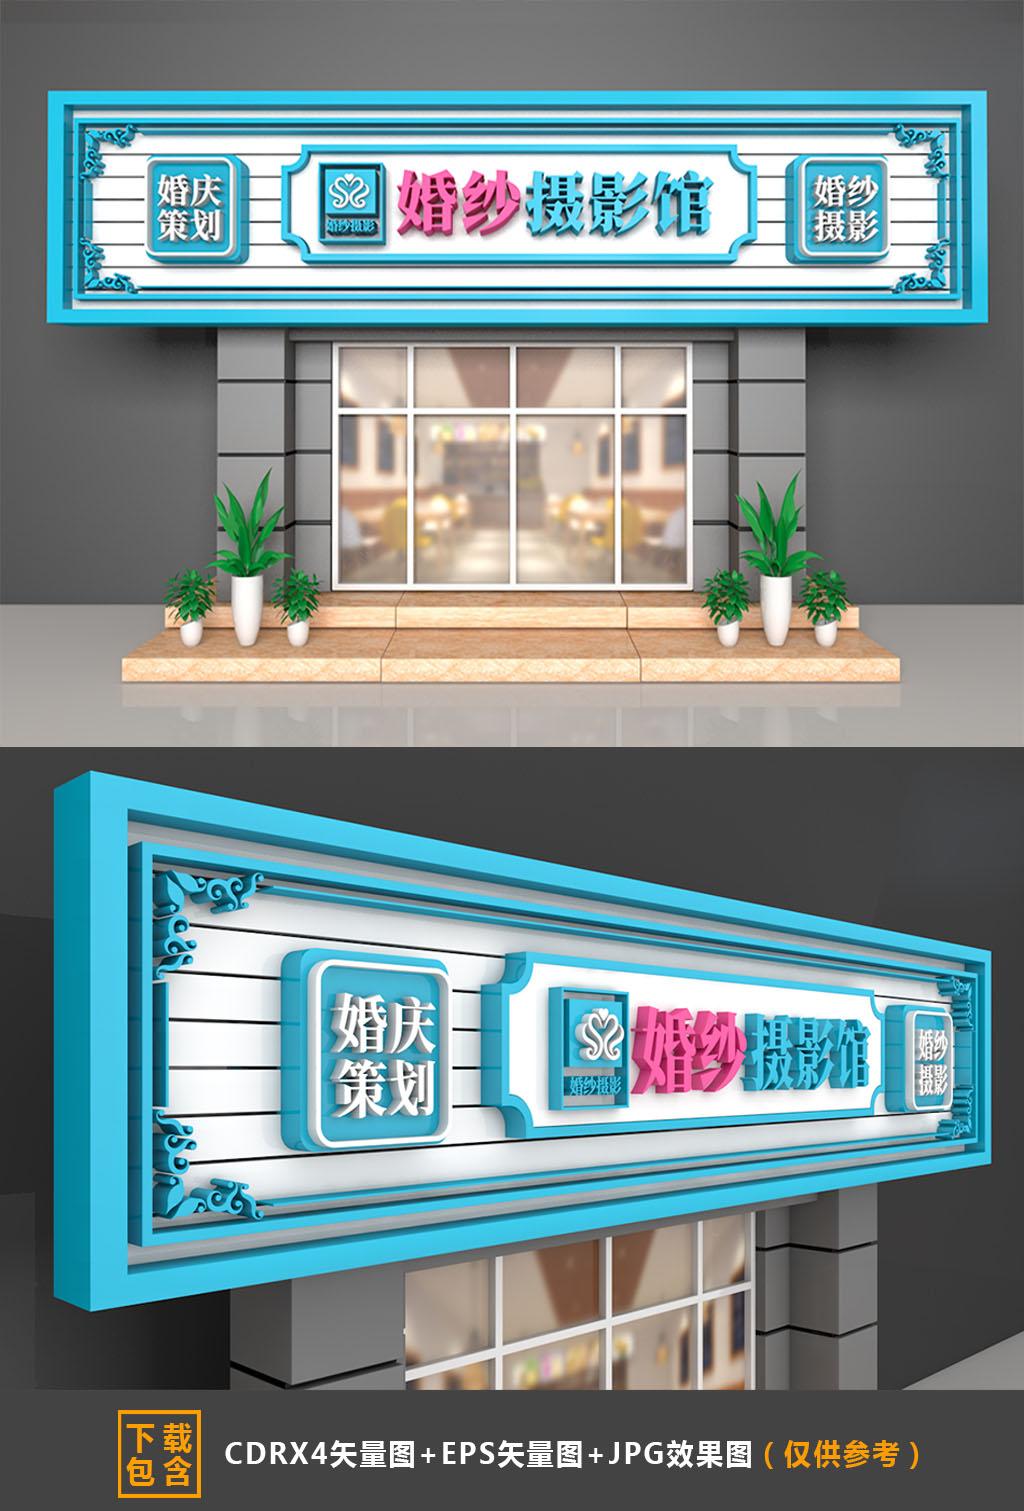 大型3D立体婚纱摄影馆婚庆门头招牌设计源文件插图